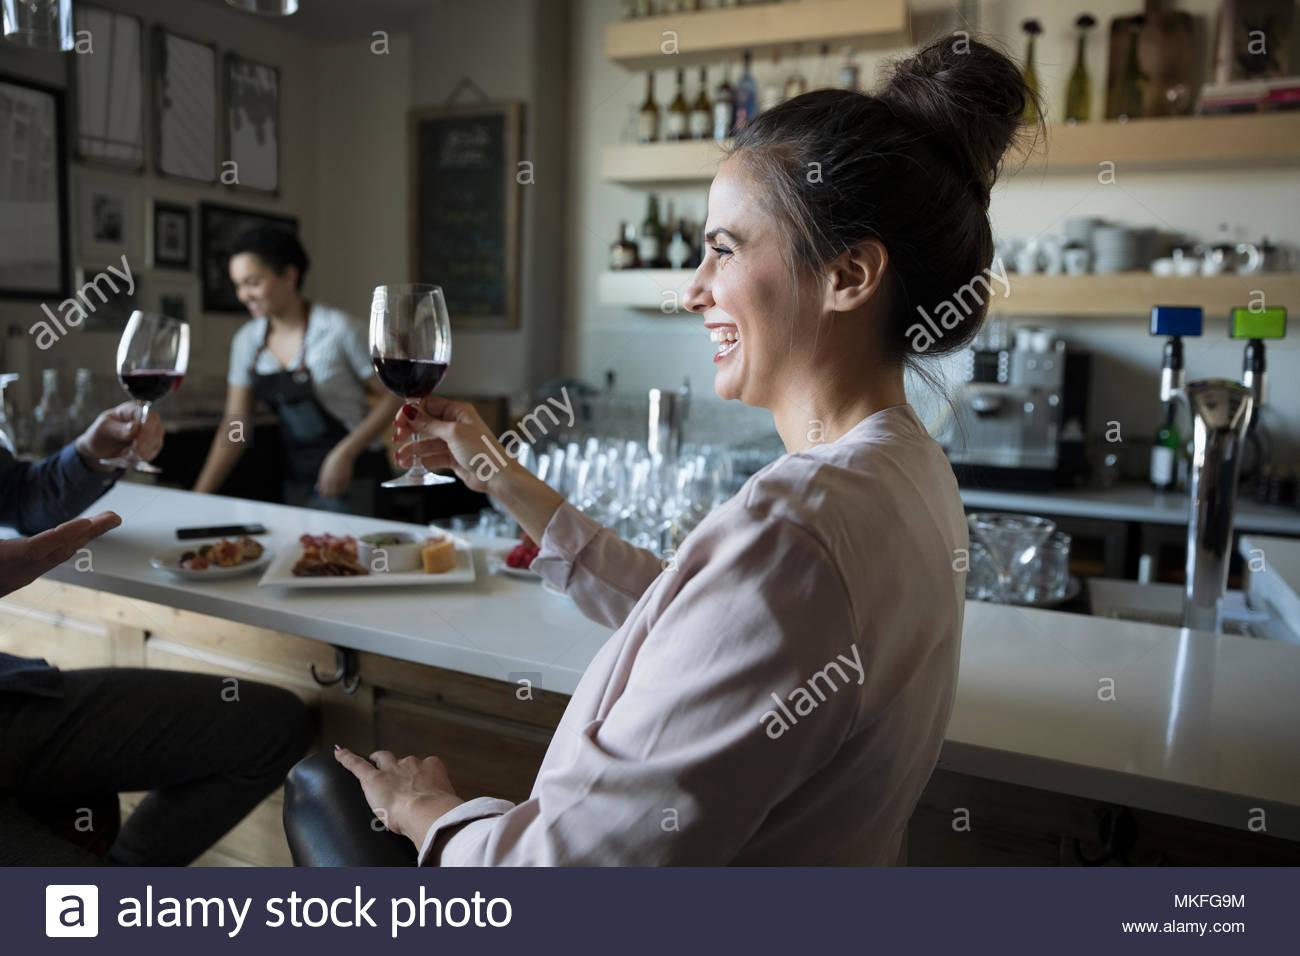 Lachen, unbeschwerte junge Frau trinkt Rotwein in bar Stockbild